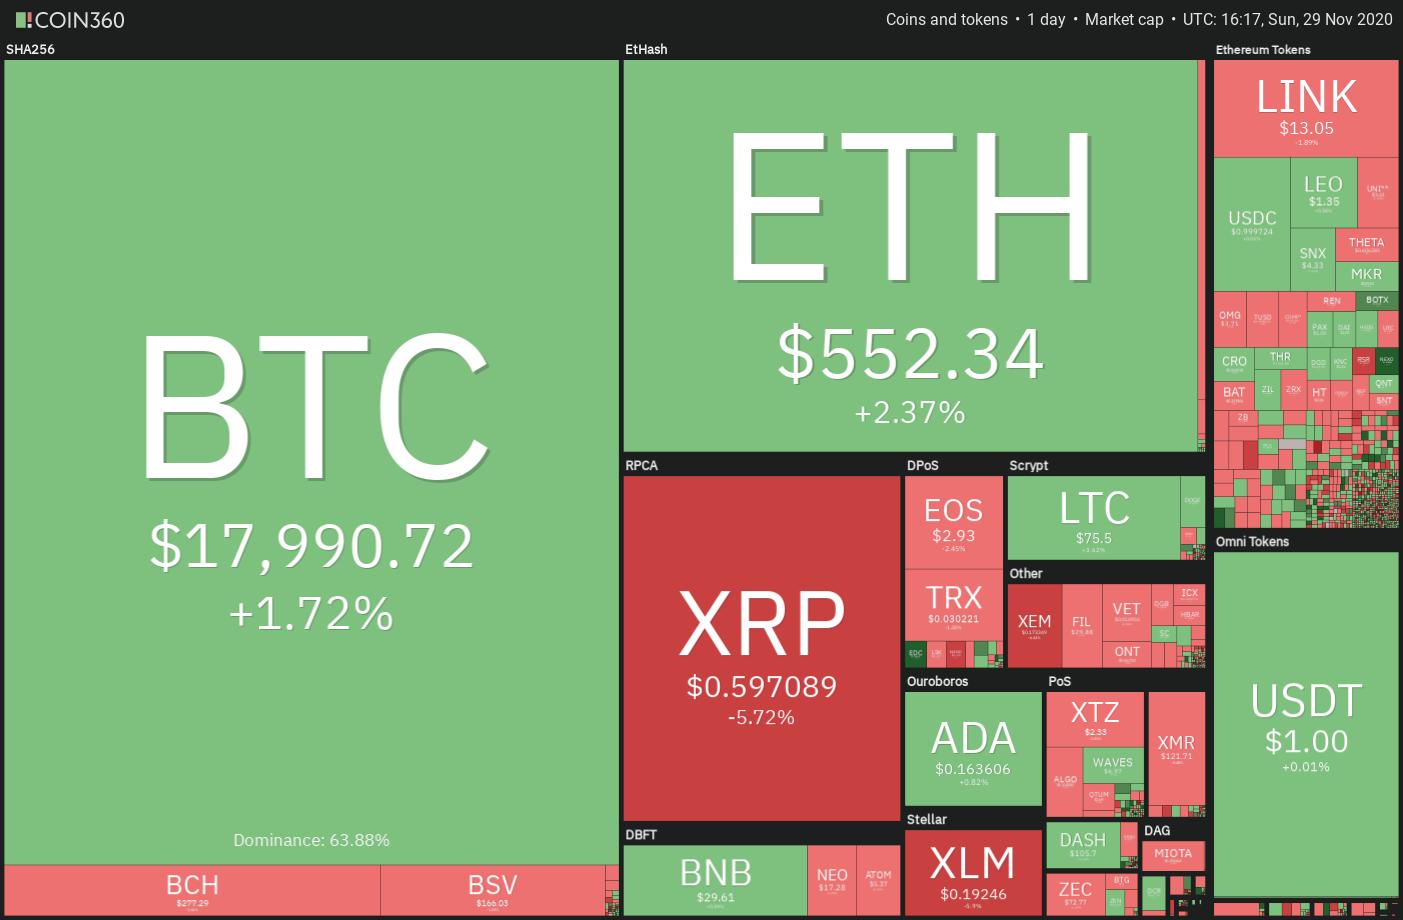 《【比特币价格】本周值得关注的5大加密货币:BTC,ETH,ADA,XLM,XEM》